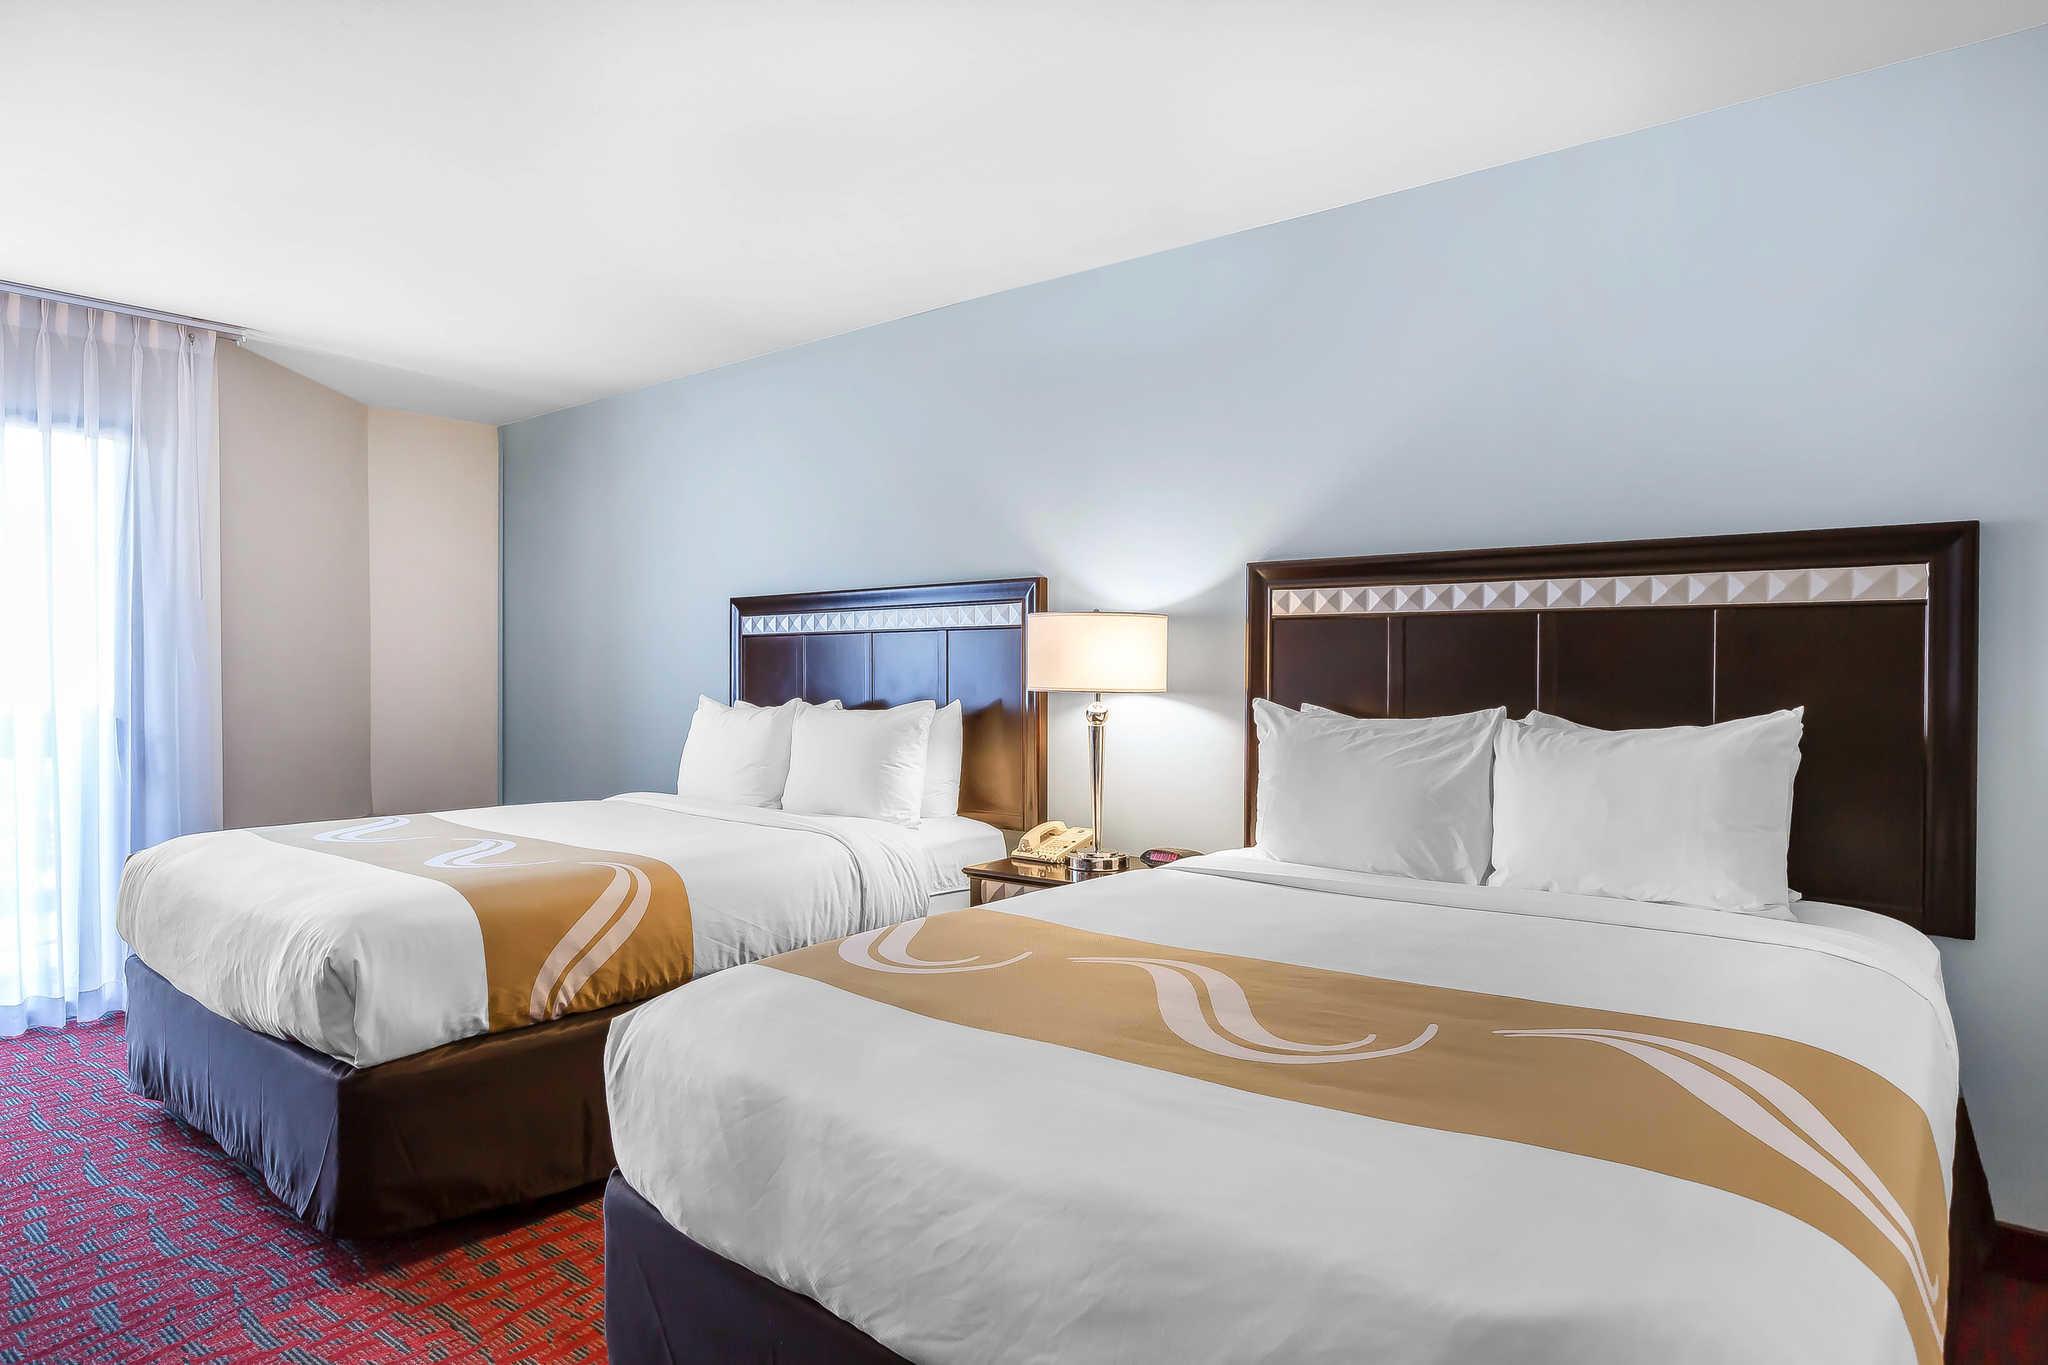 Quality Inn & Suites Irvine Spectrum image 21